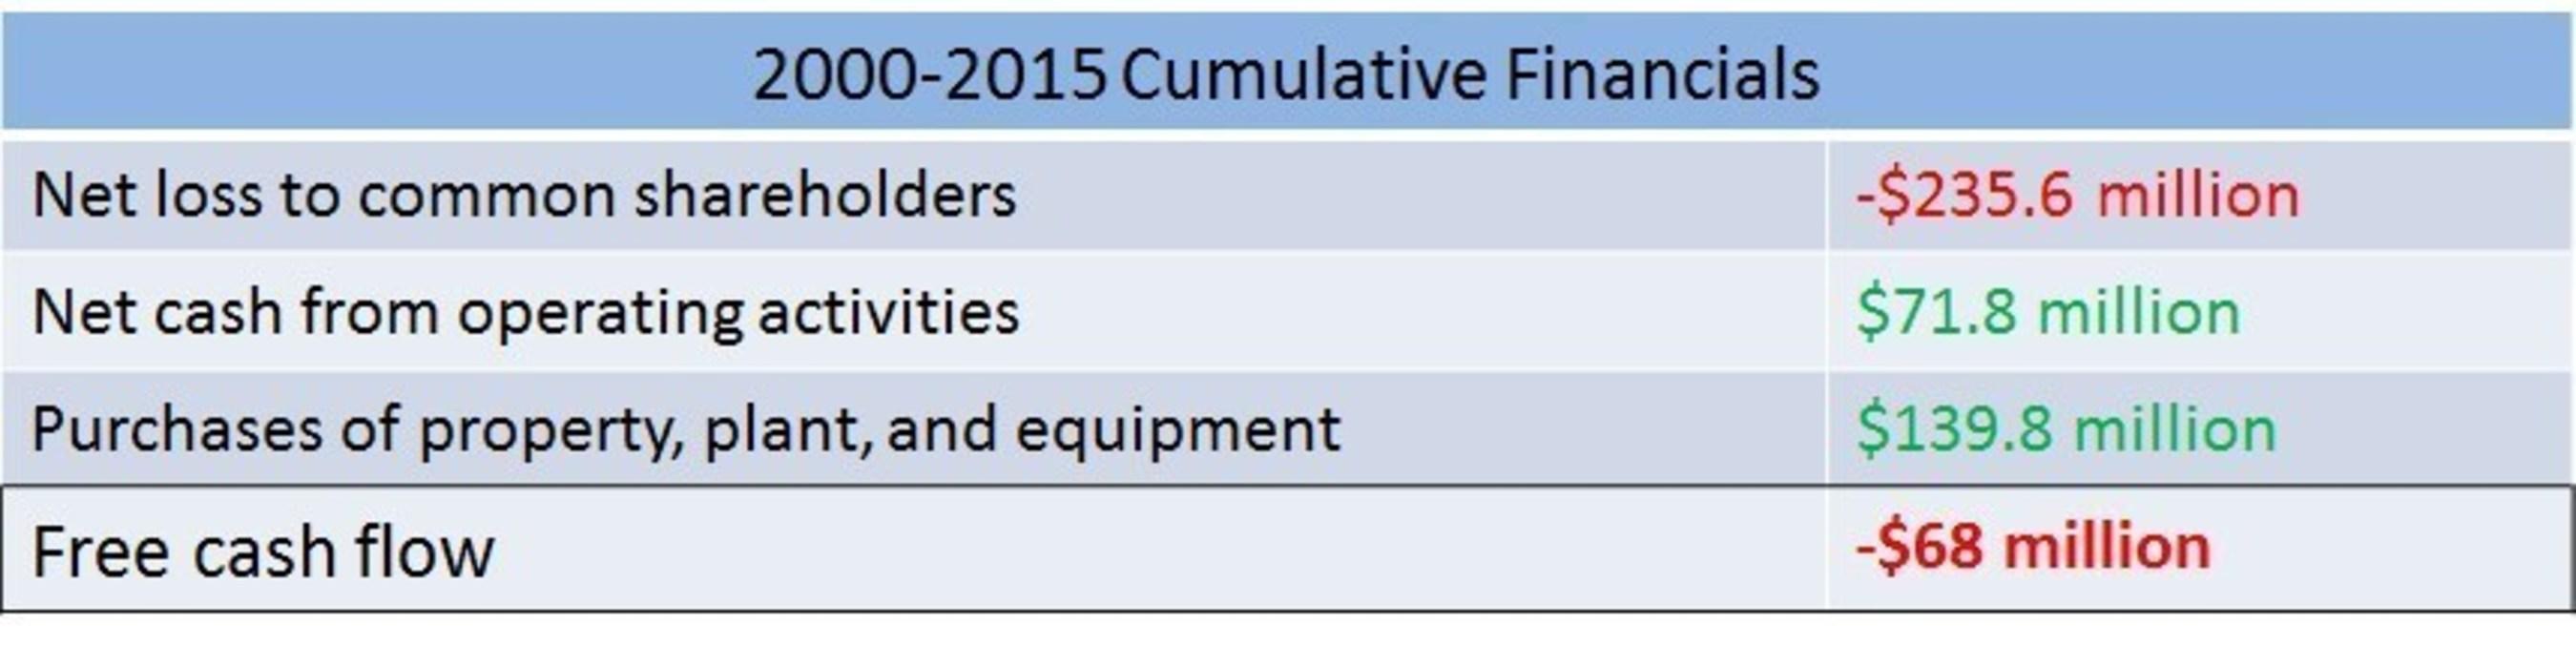 2000-2015 Cumulative Financials